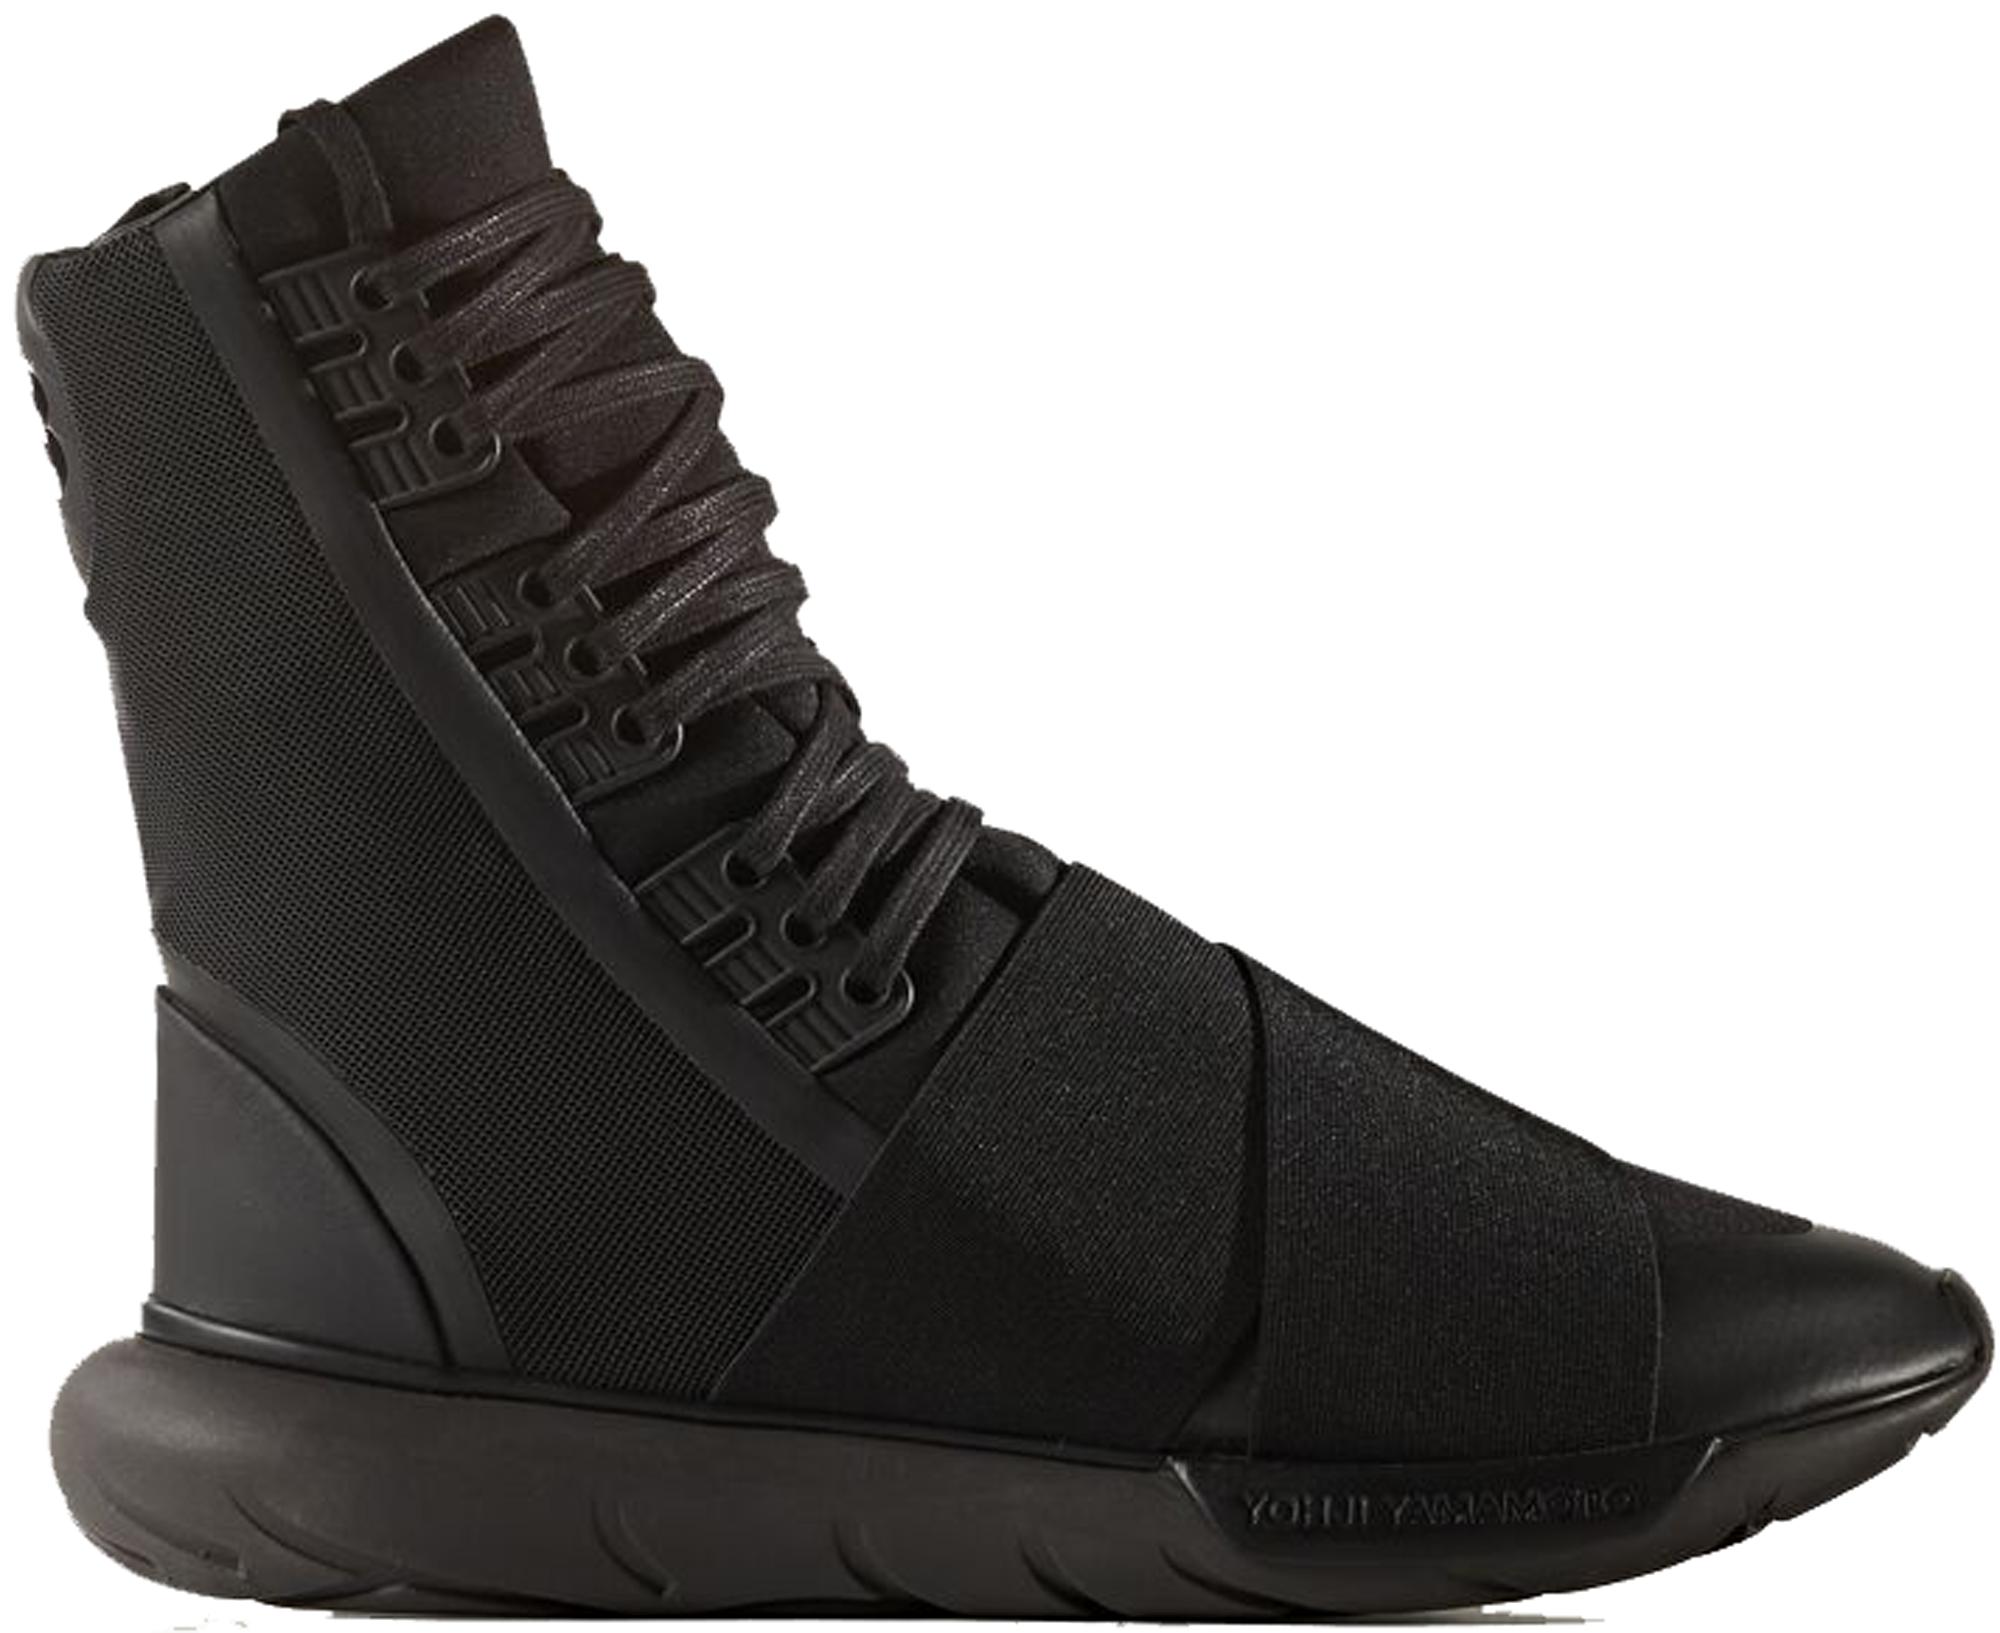 adidas Y-3 Qasa Boot Triple Black - BY2629